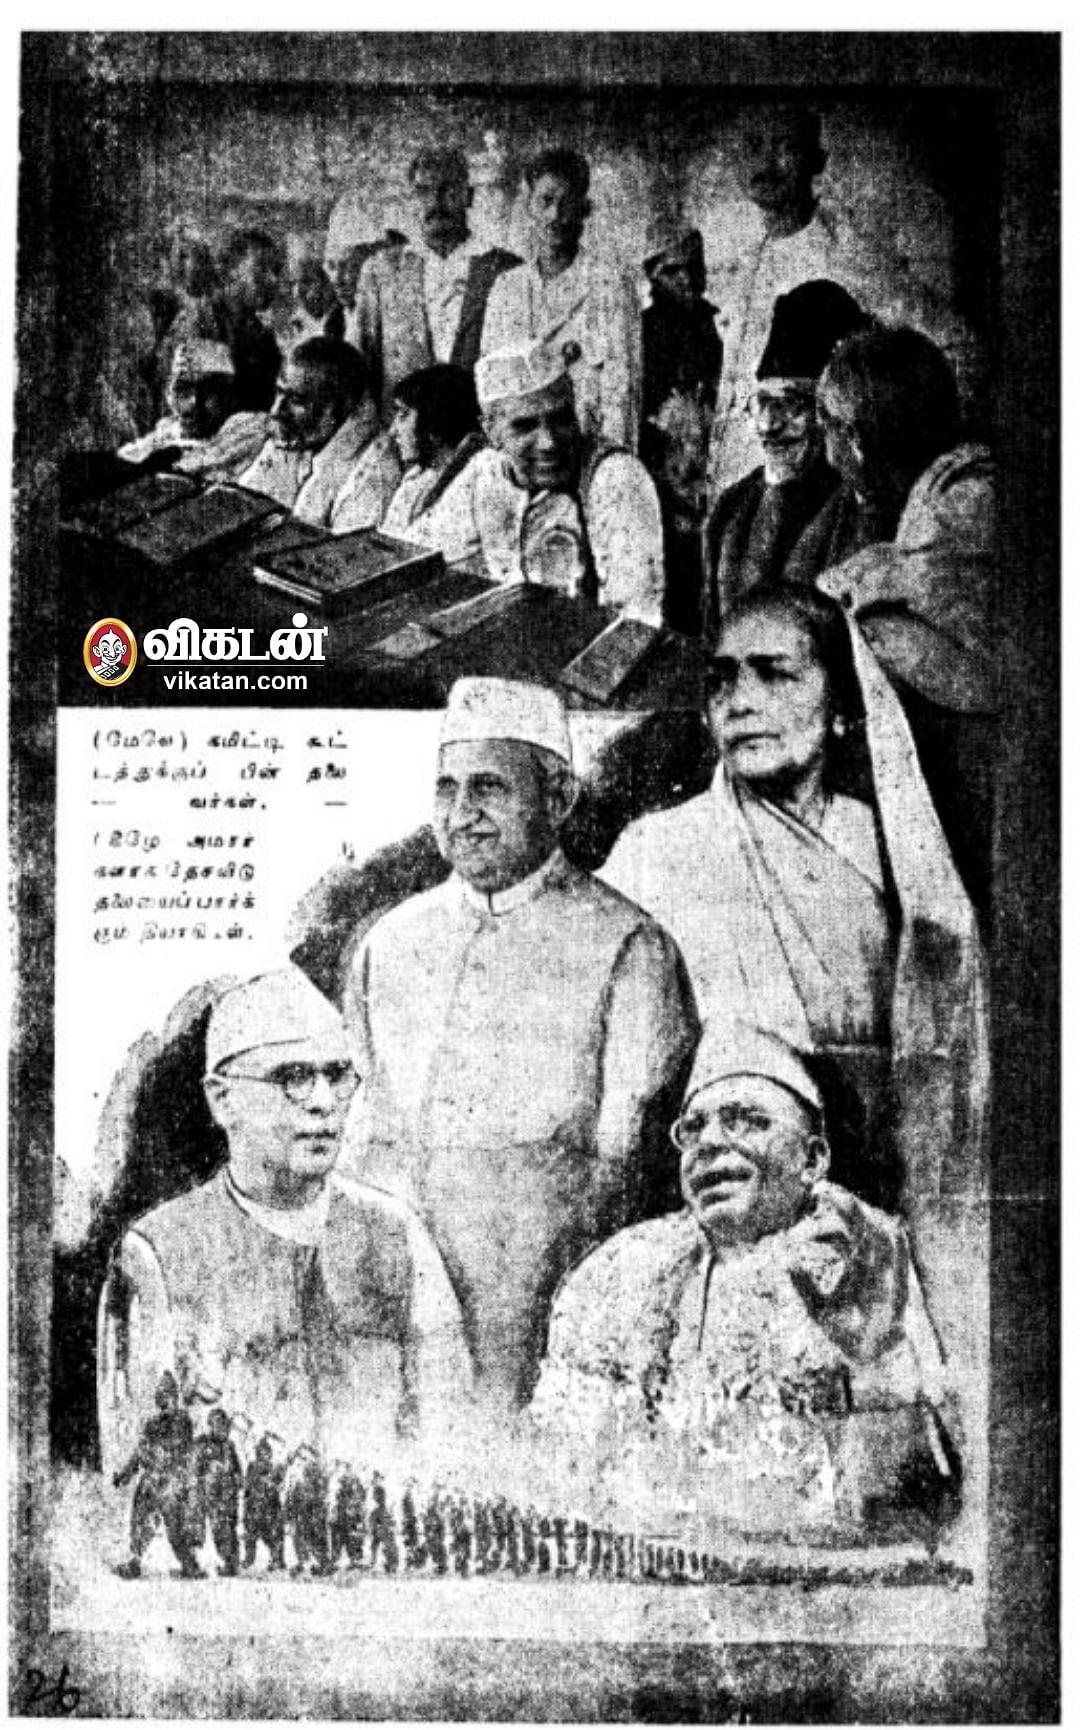 Ananda vikatan - 1947